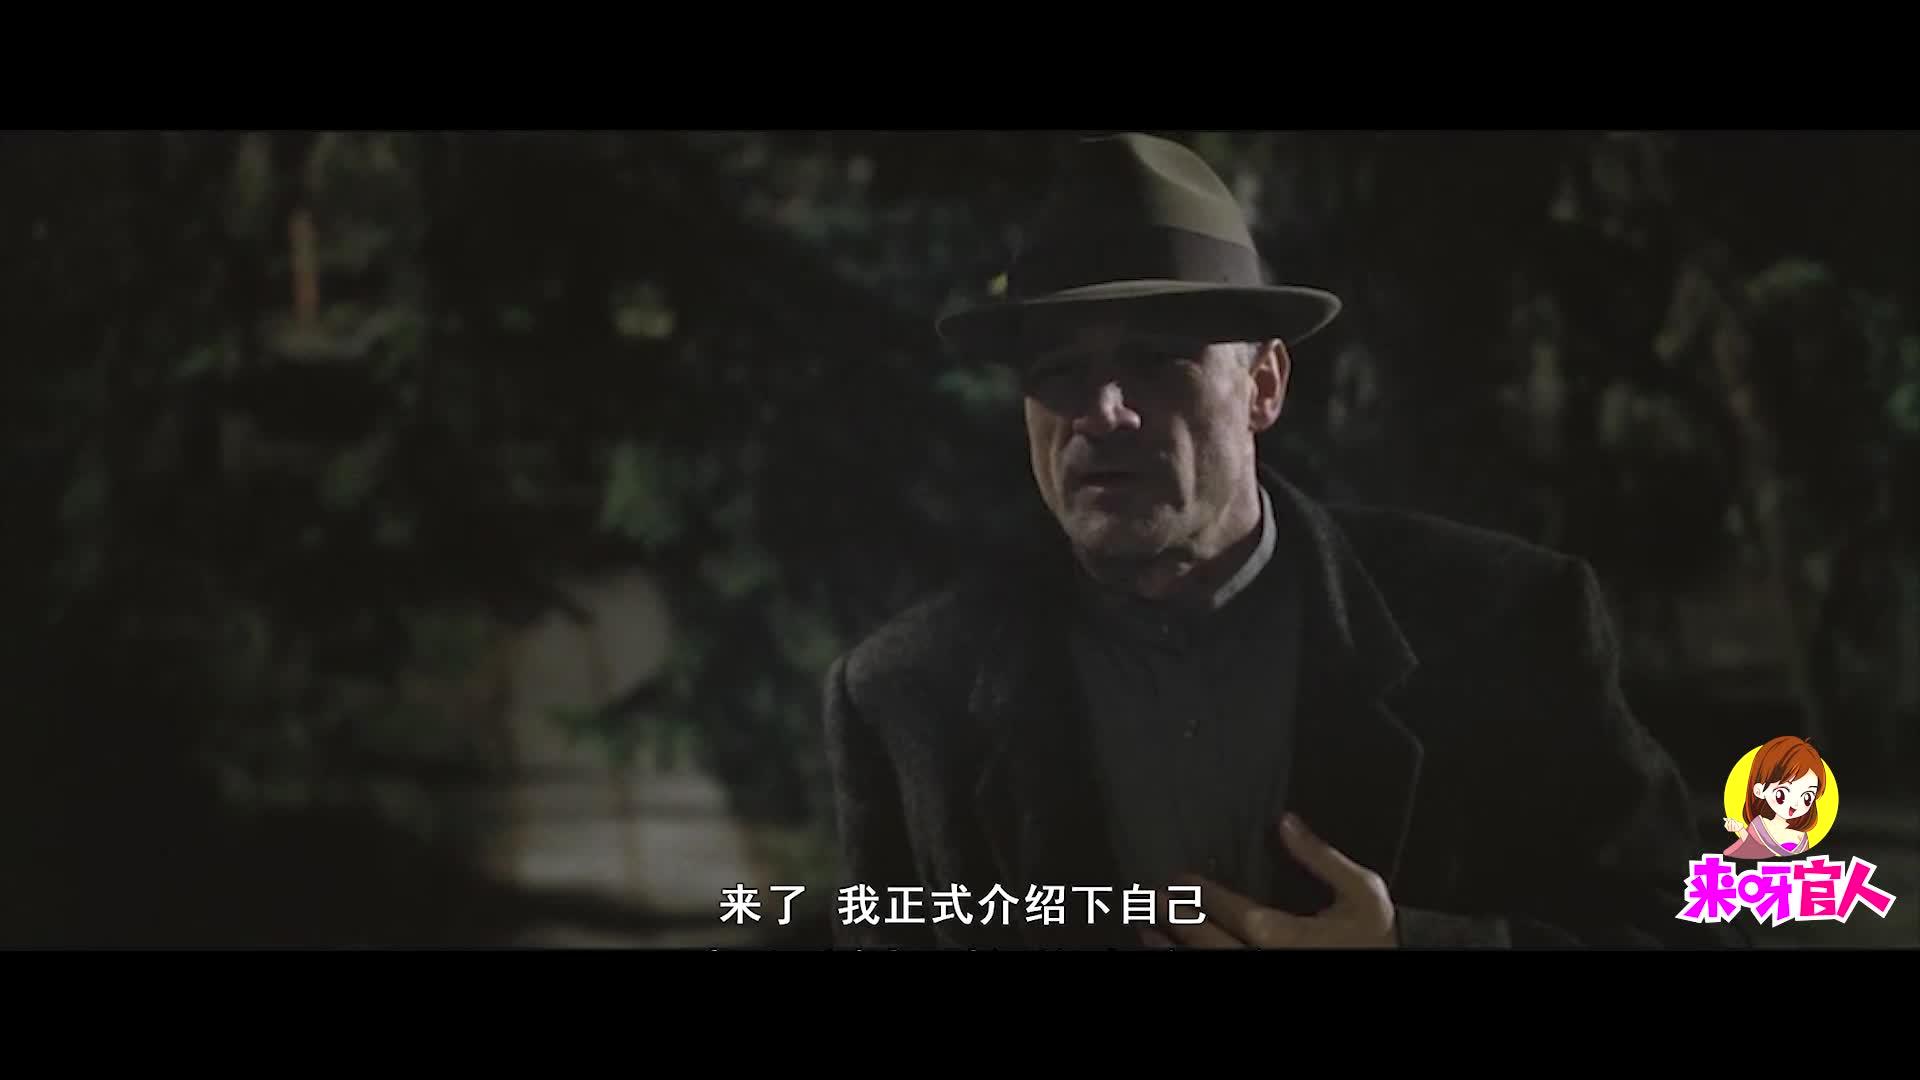 #追剧不能停#《太平间闹鬼事件》:根据真实事件改编的恐怖电影!__12